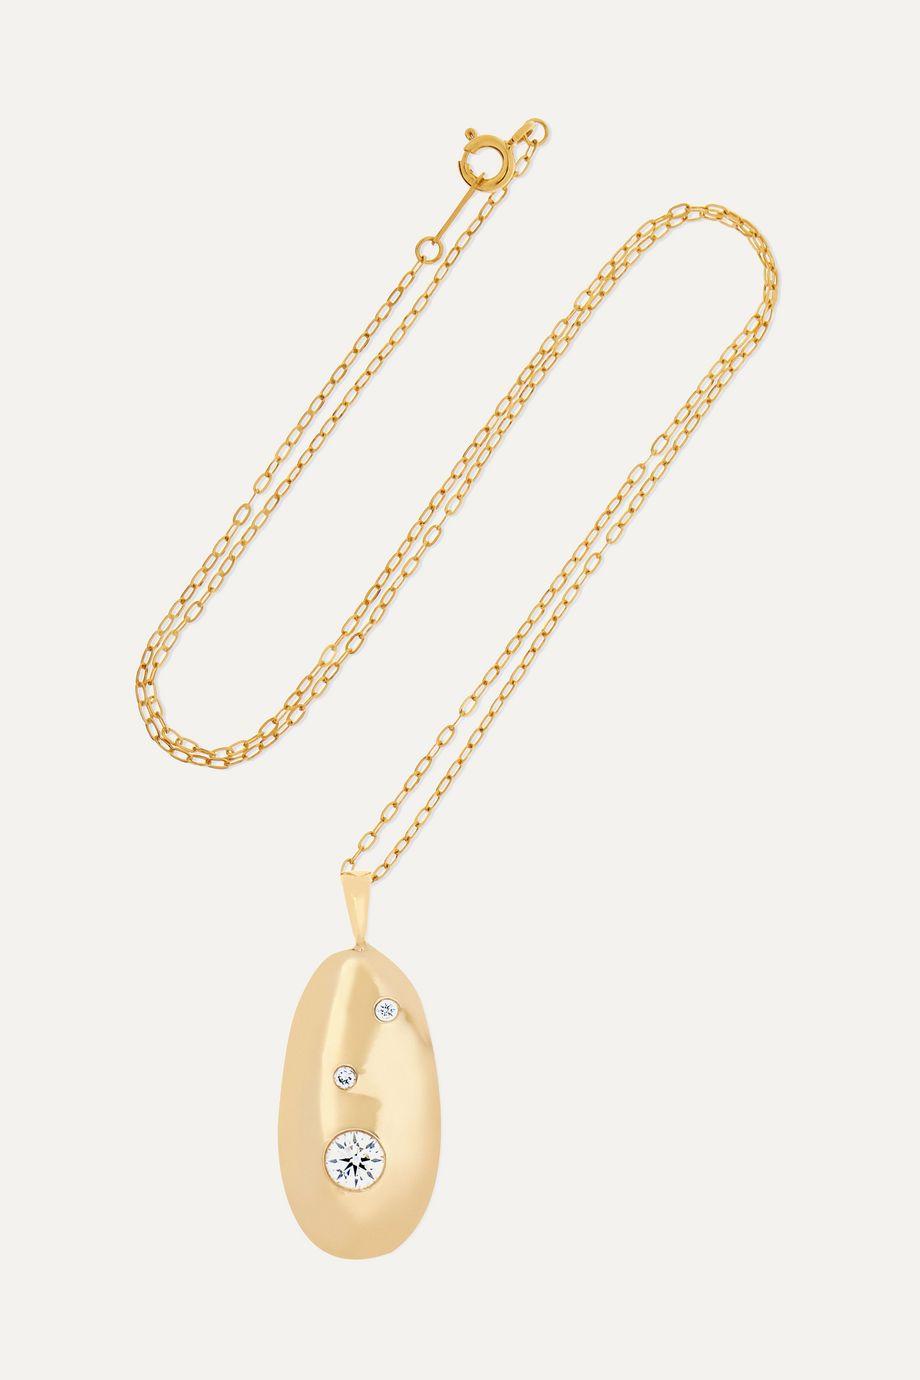 CVC Stones V1 Kette aus 18 Karat Gold mit Diamanten